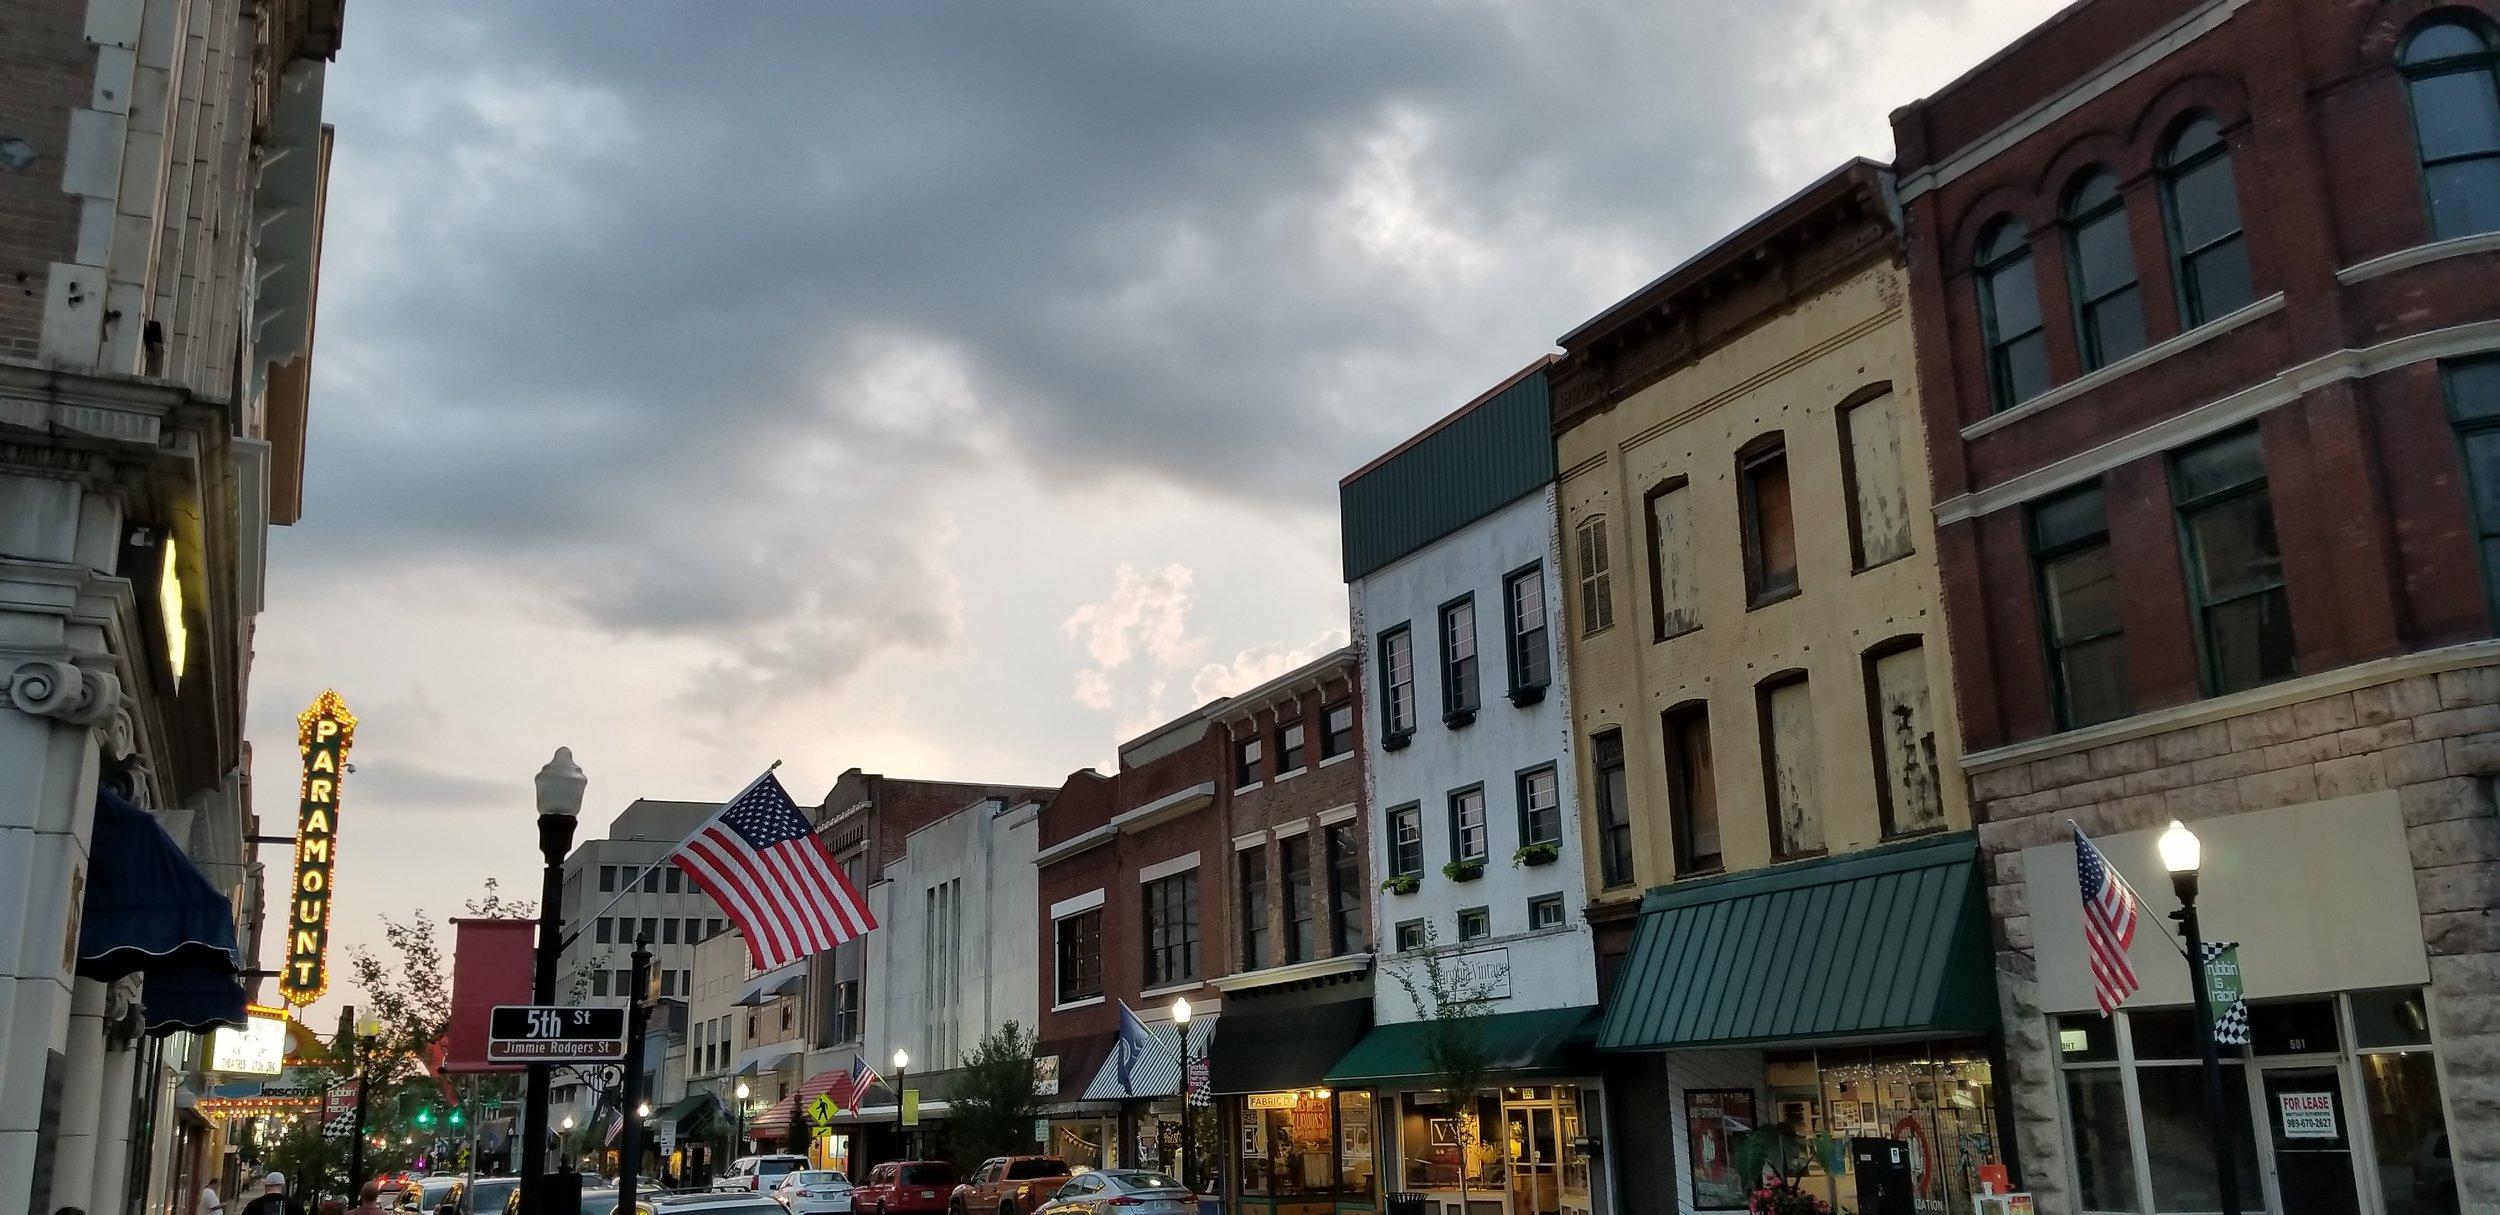 State Street in Bristol TN/VA